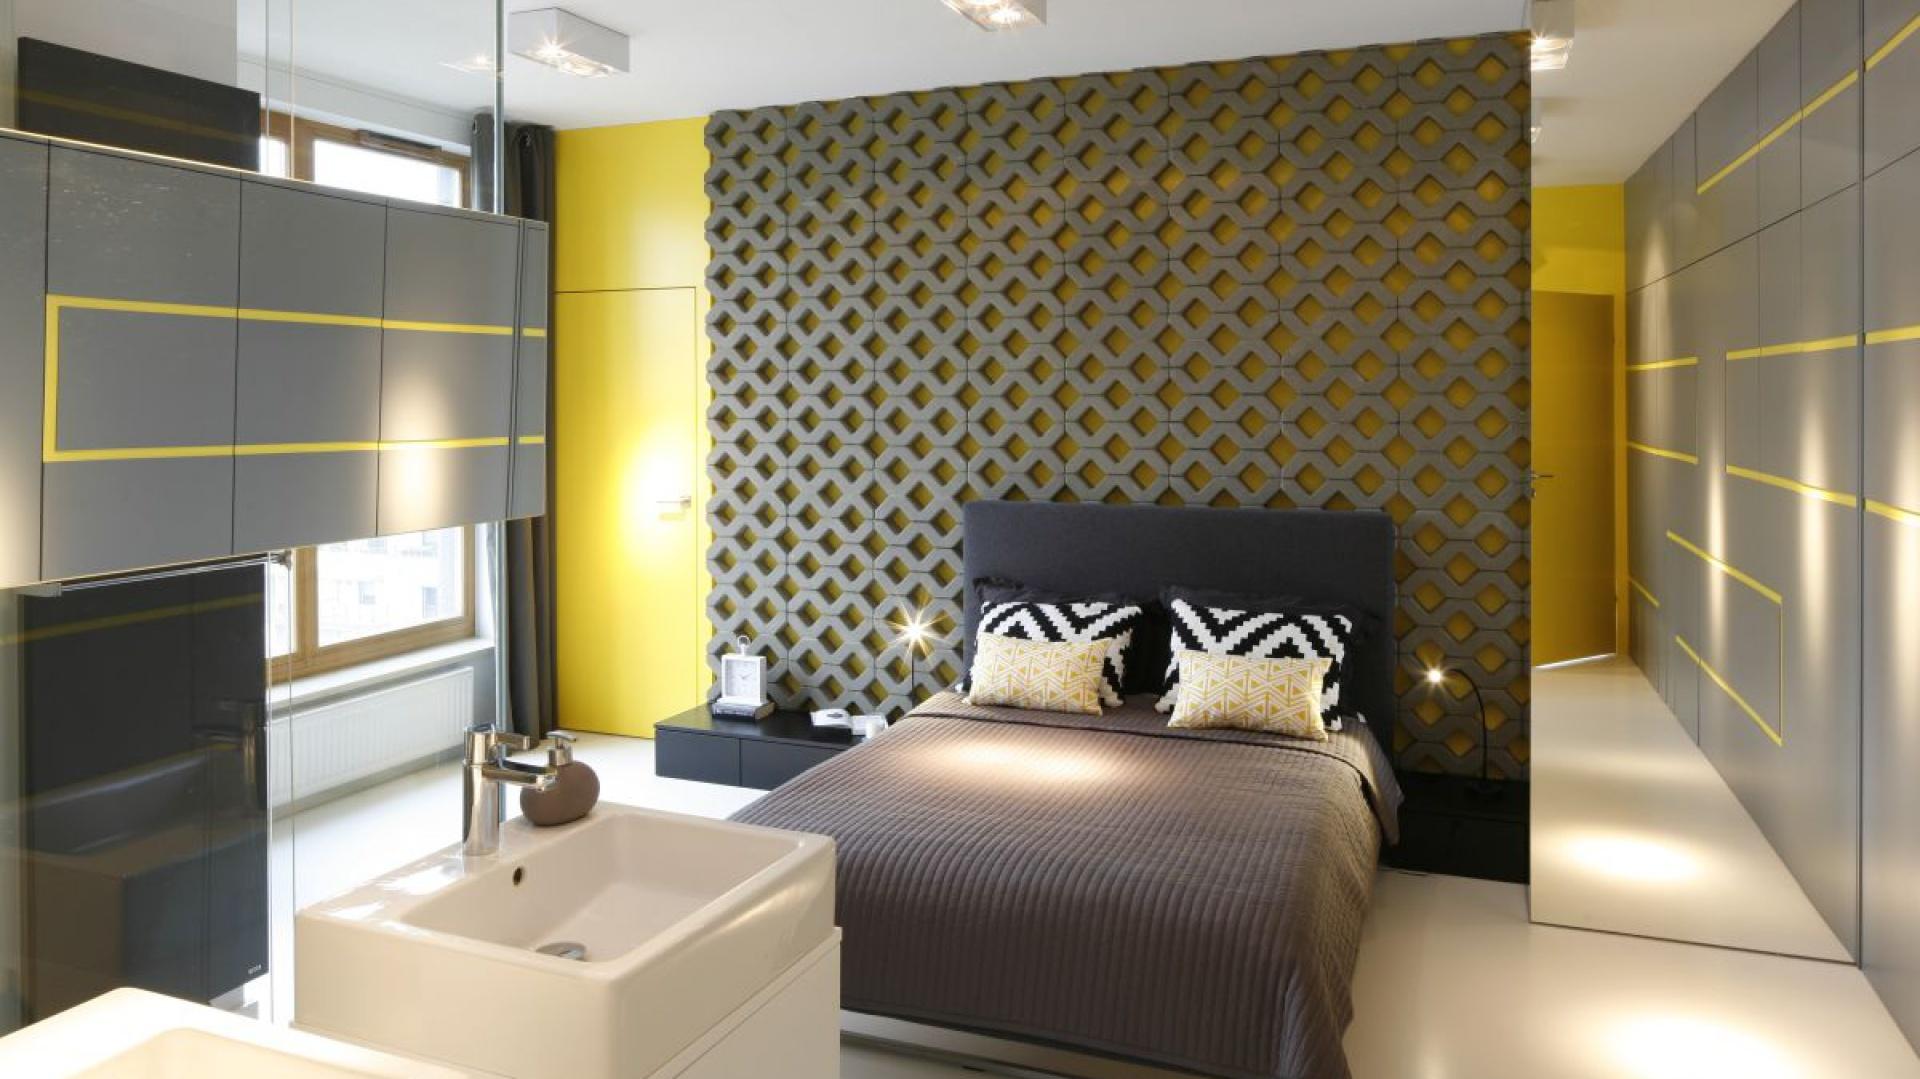 W centrum sypialni umieszczono duże, wygodne łóżko z nakryciem kolorystycznie łączącym się z kolorystyką ścian. Proj wnętrza Monika i Adam Bronikowscy, Hola Design. Fot. Bartosz Jarosz.